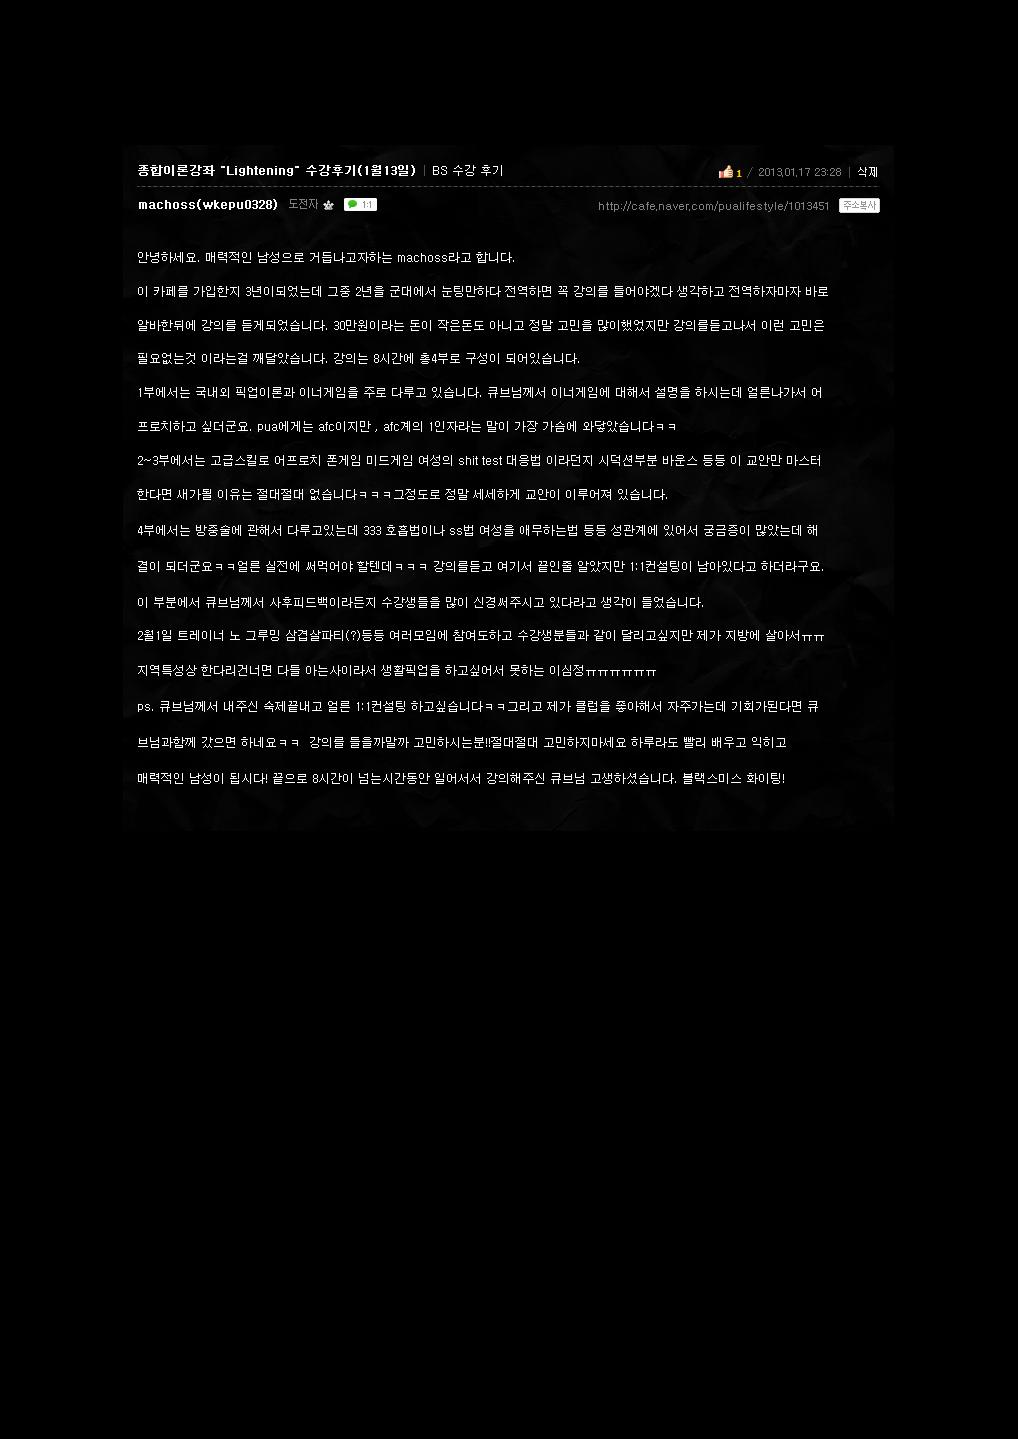 제 11회 Ultimate Lightening(진짜)_페이지_51.png